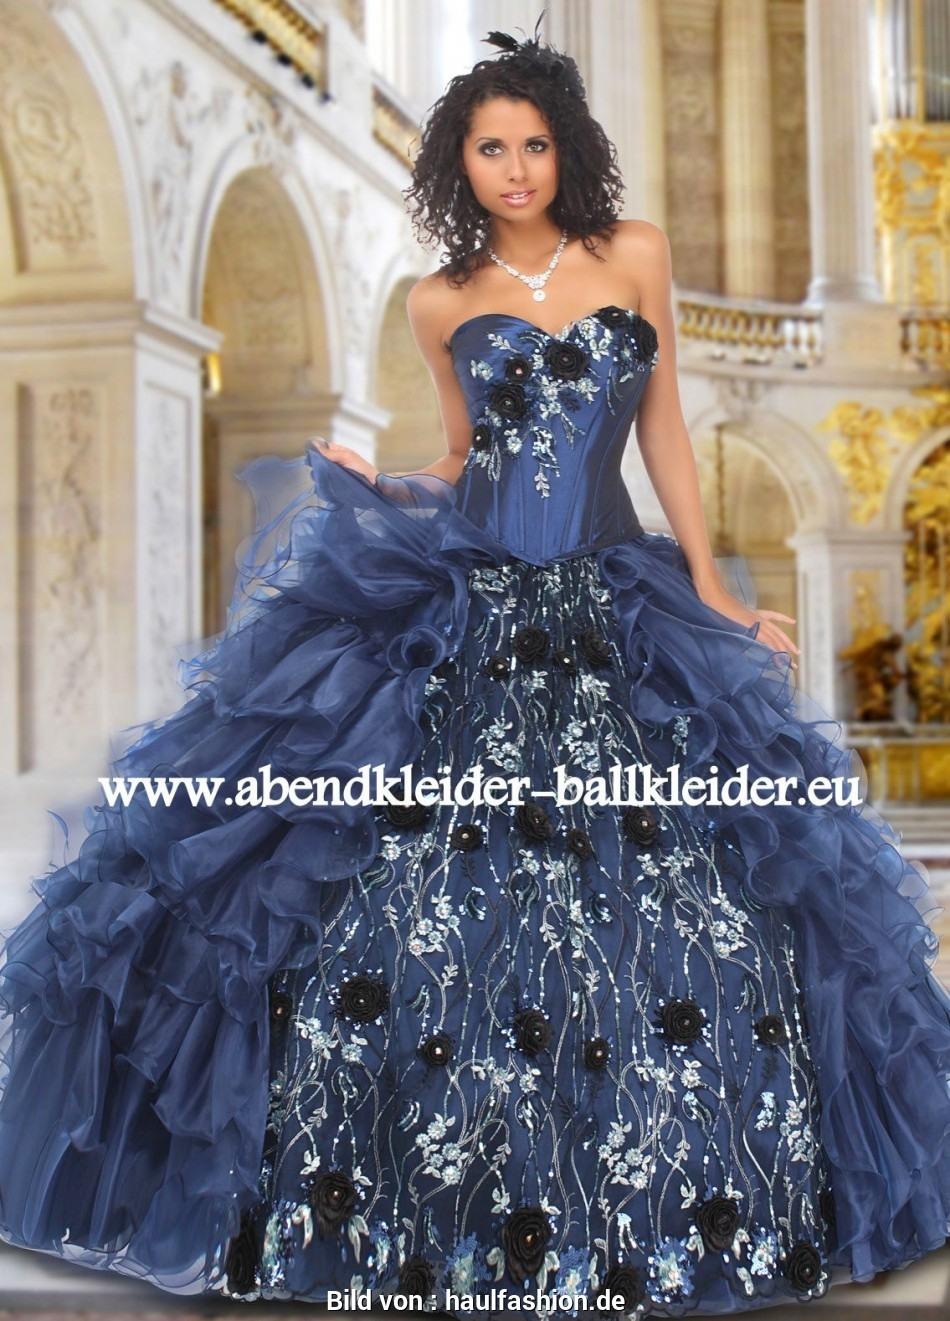 20 Einzigartig Ballkleider Abendkleider DesignAbend Schön Ballkleider Abendkleider Boutique